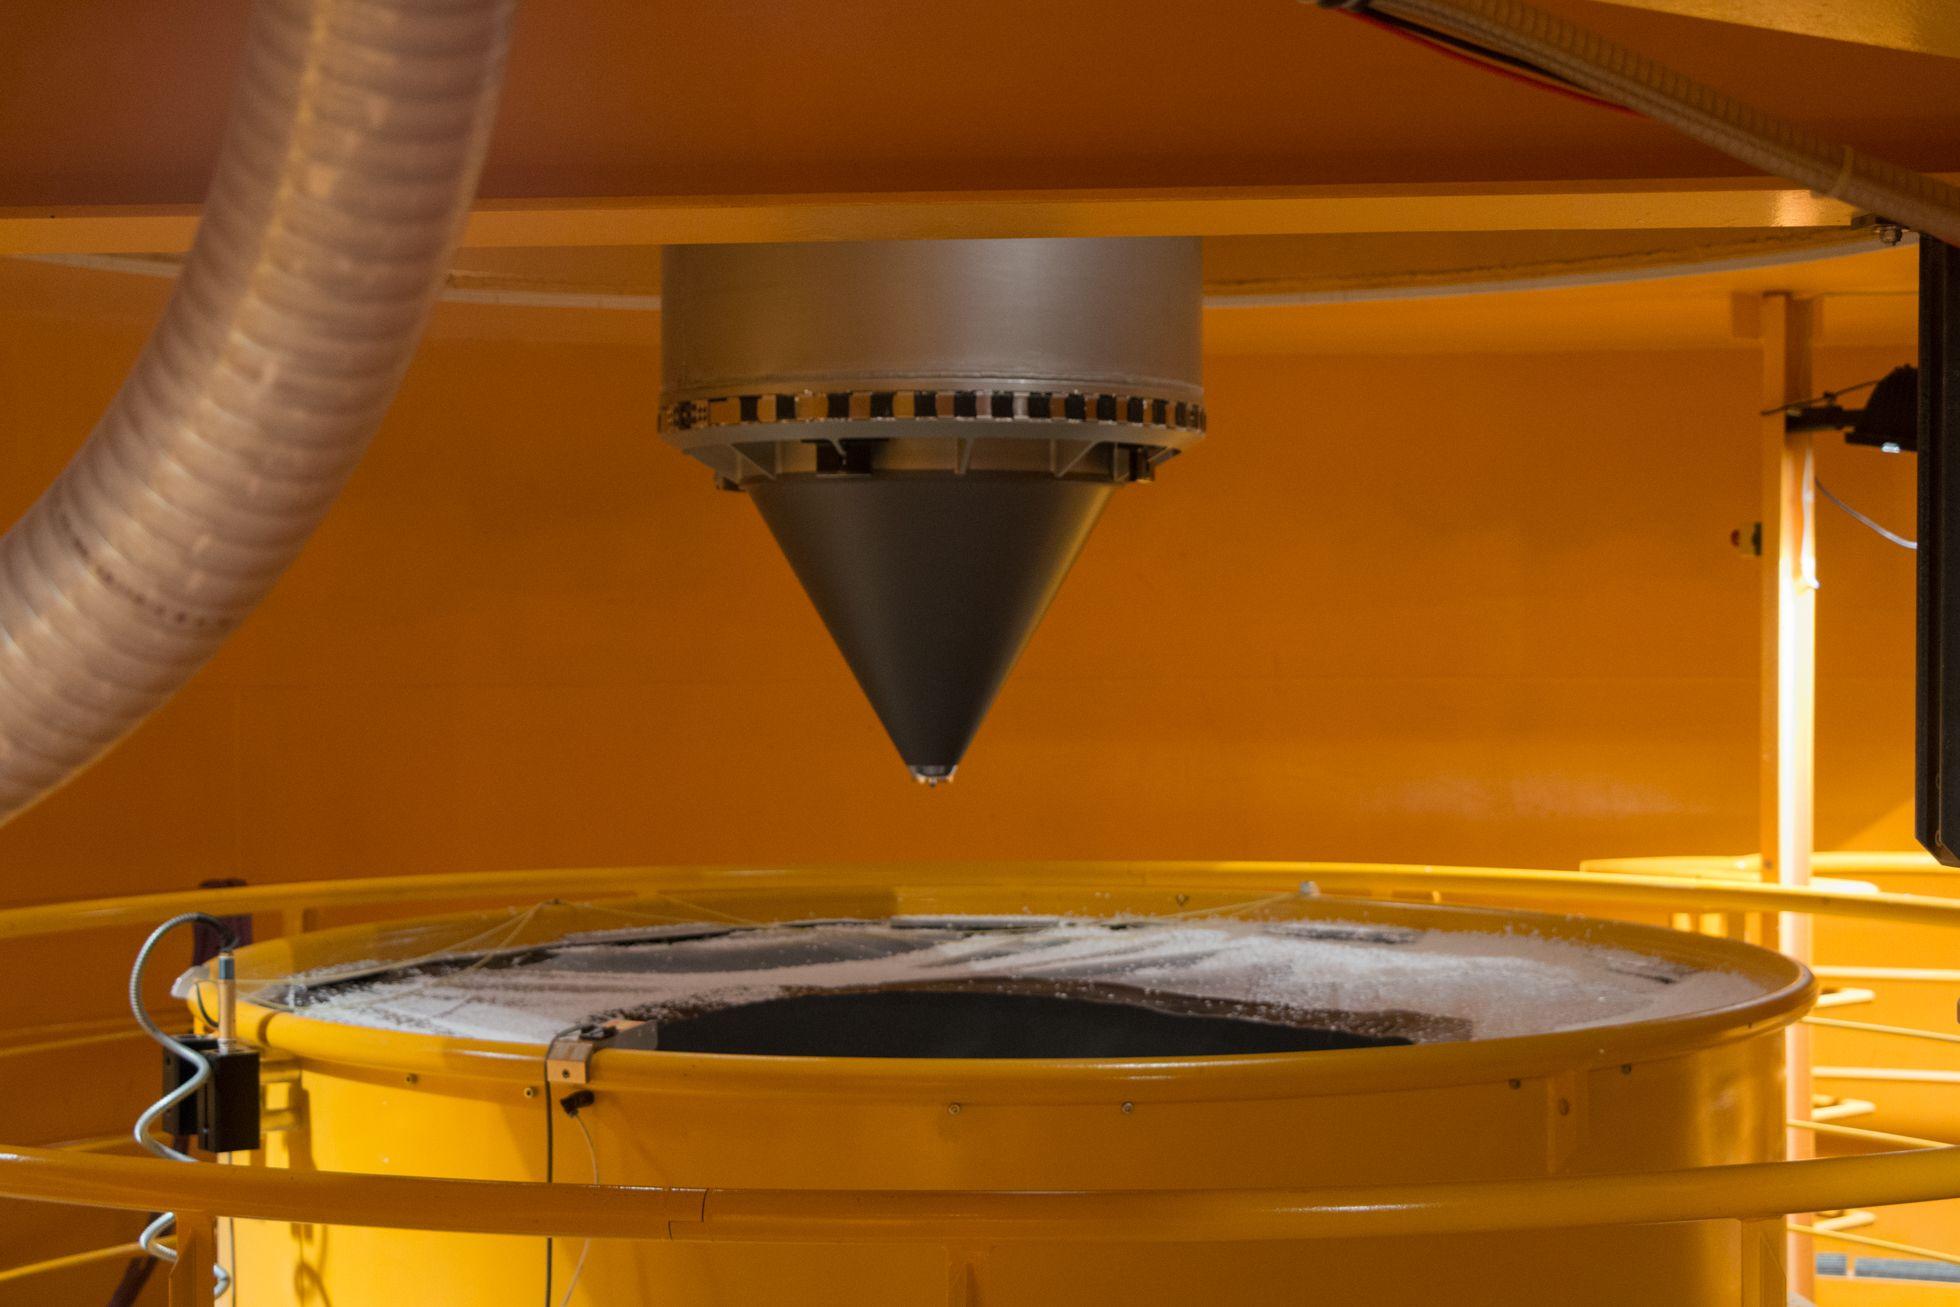 Zarm: Zehn Sekunden schwerelos - Der Konus erleichtert das Eintauchen in das Styropor. (Foto: Werner Pluta/Golem.de)